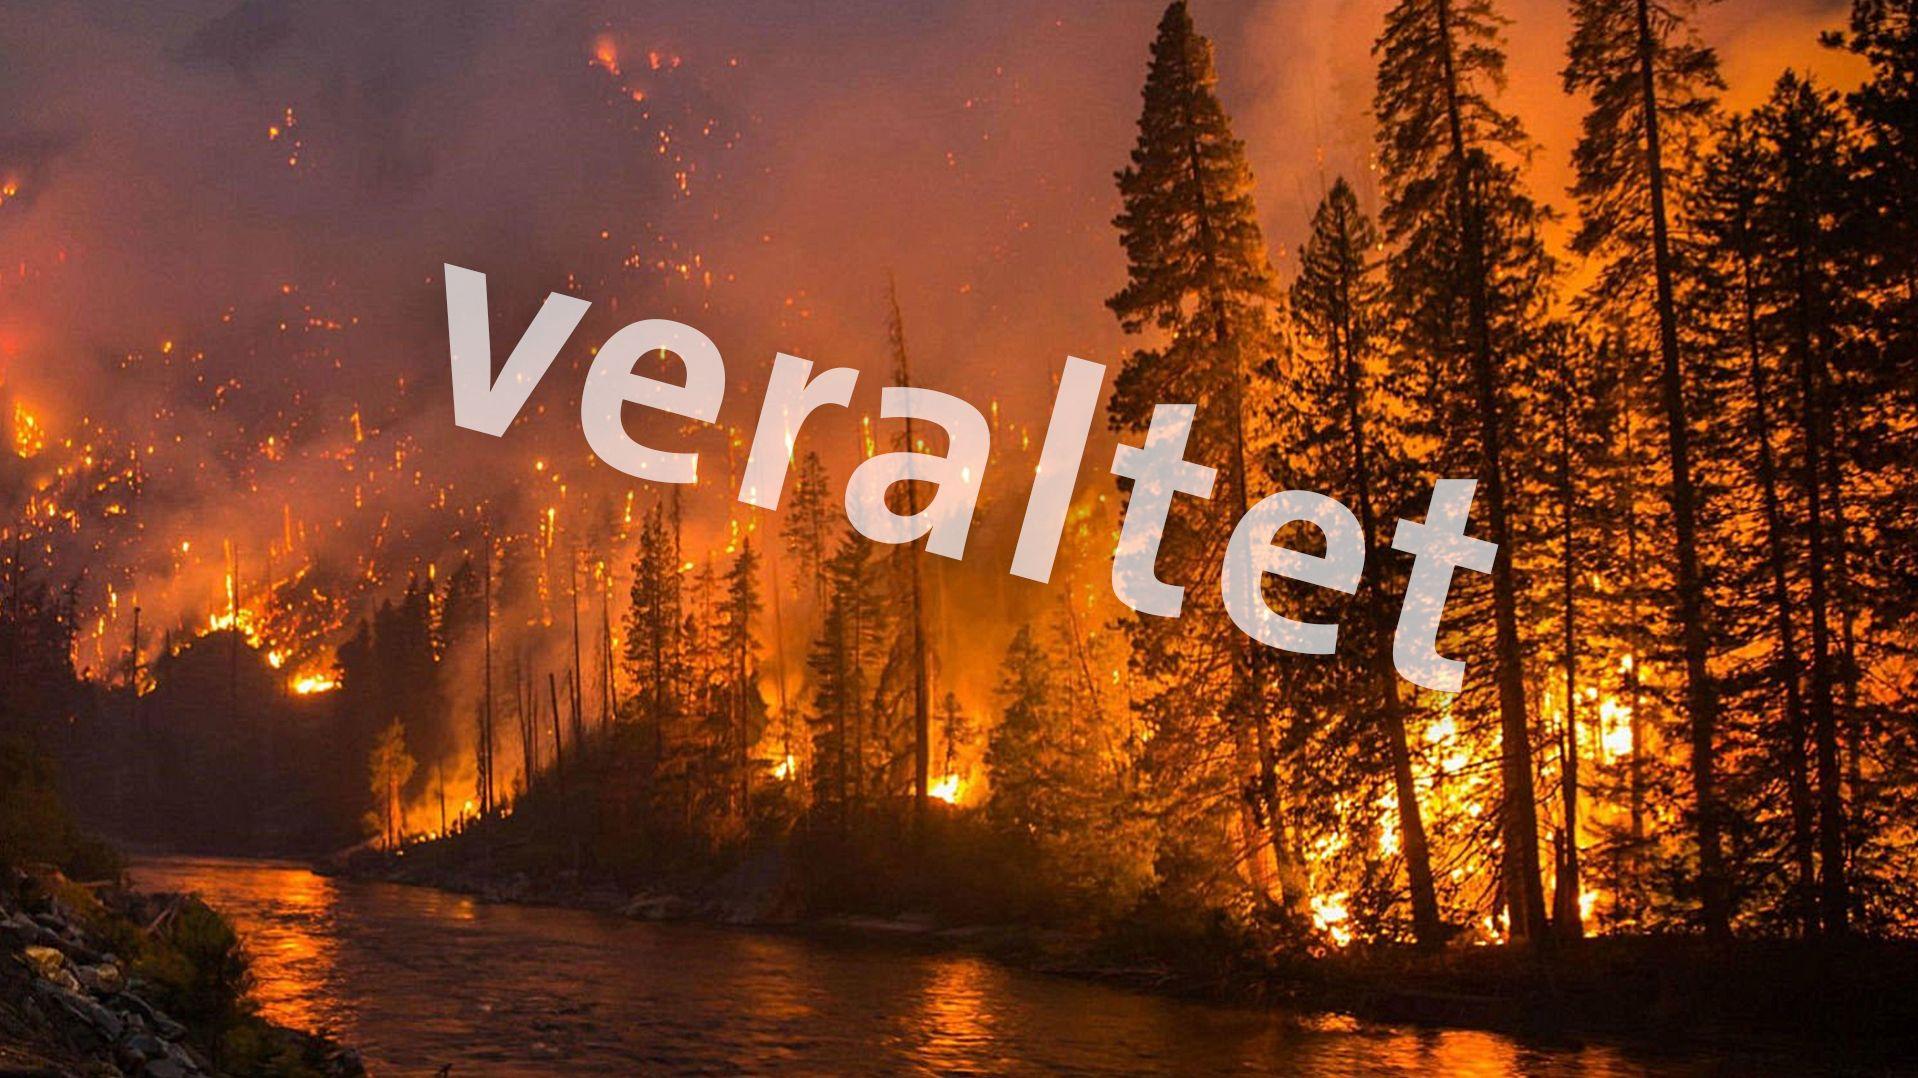 Ein Bild, das zum Thema Amazons-Brände kursiert - aber wohl aus den USA stammt.